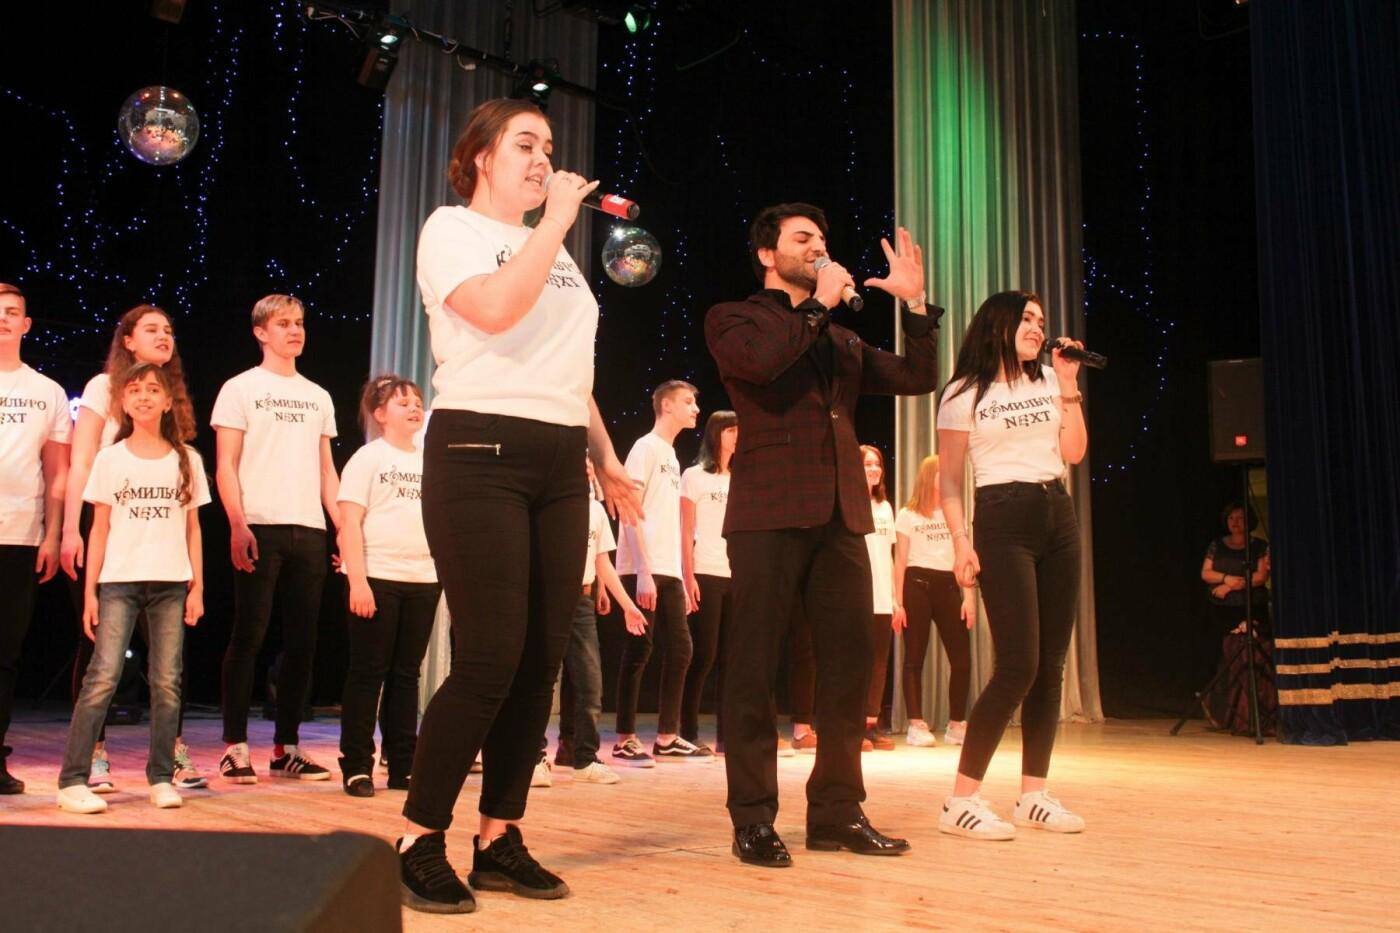 Тамбовчане выступили на музыкальном конкурсе в Москве, фото-1